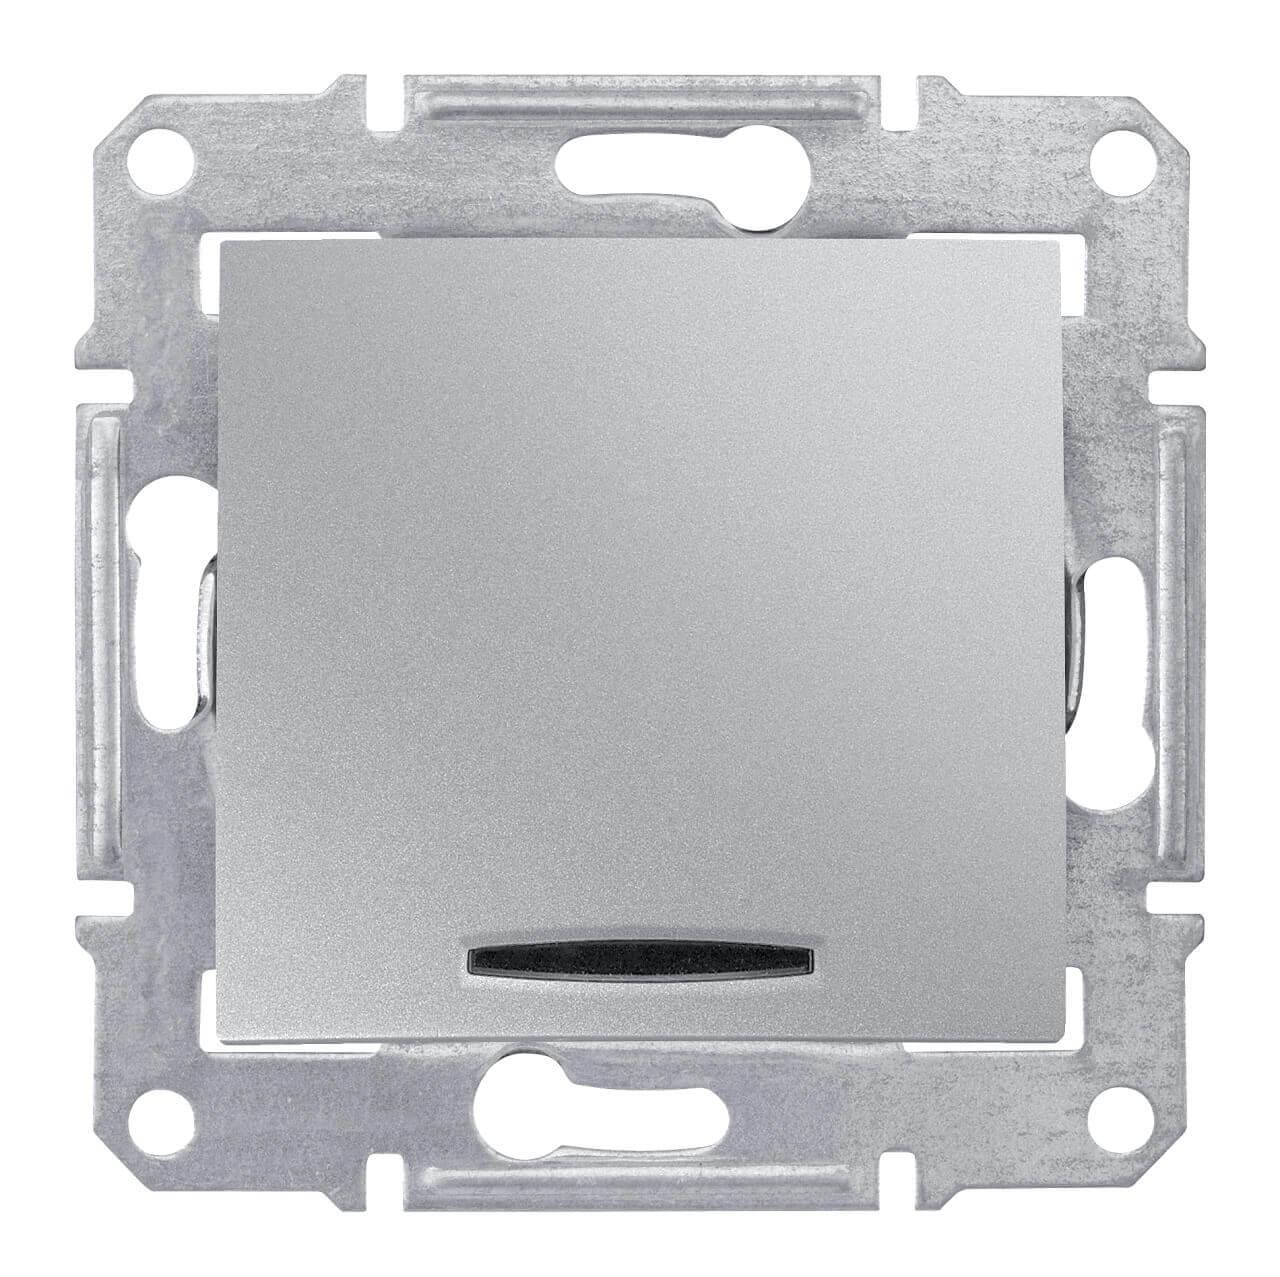 Выключатель Schneider Electric SDN1500160 Sedna переключатель одноклавишный schneider electric sedna 10a 250v sdn0400170